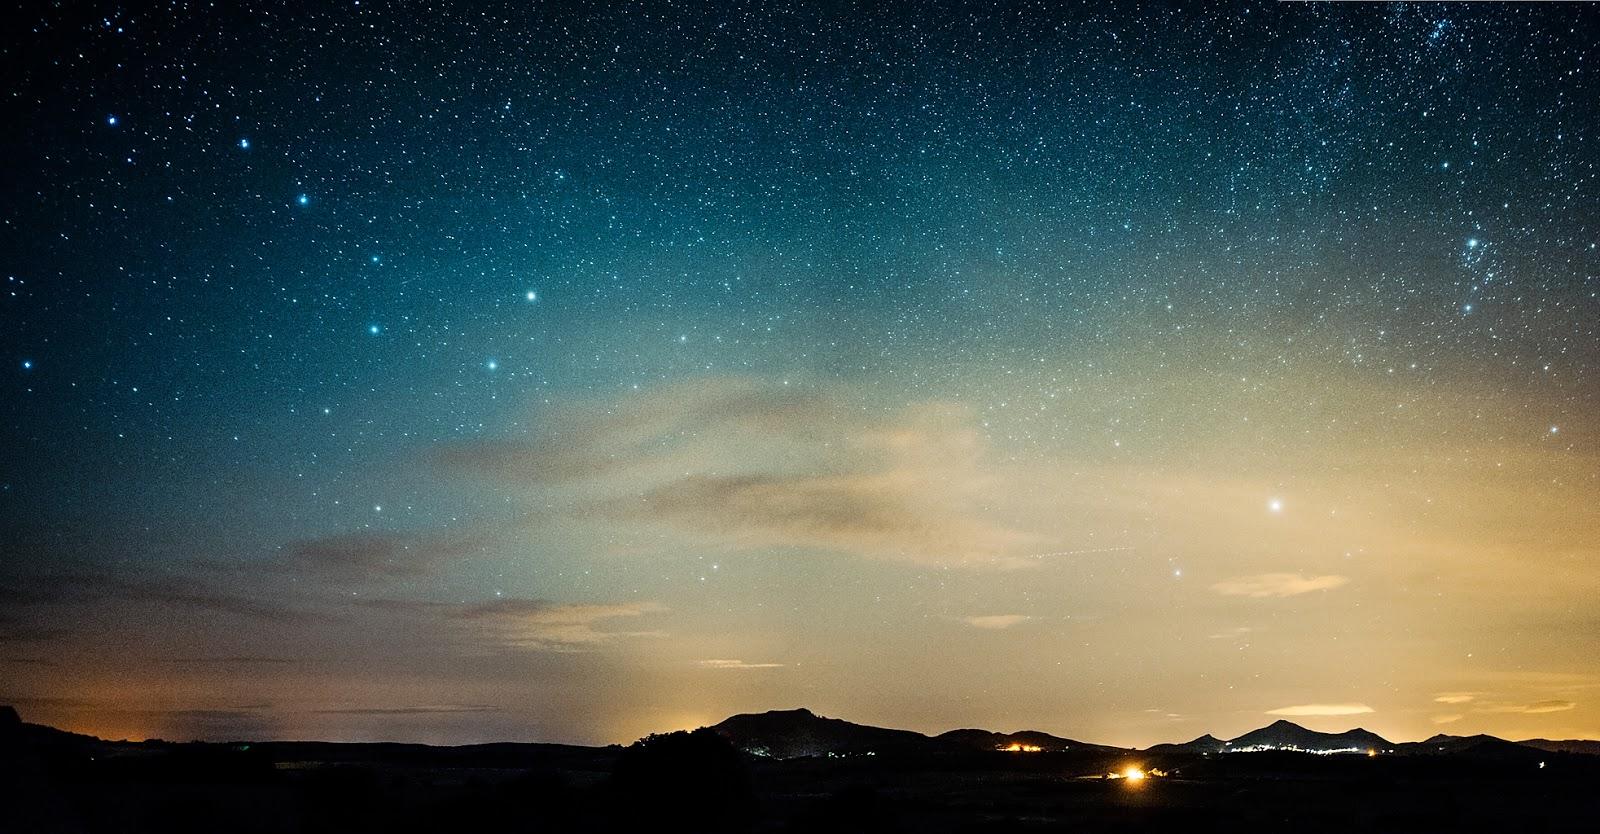 Últimos momentos do crepúsculo, com a estrela polar em algum ponto do céu noturno estrelado: ilustra a seção a respeito dos textos das linhas de ''Fêng / Abundância (Plenitude)'', um dos 64 hexagramas do I Ching, o Livro das Mutações